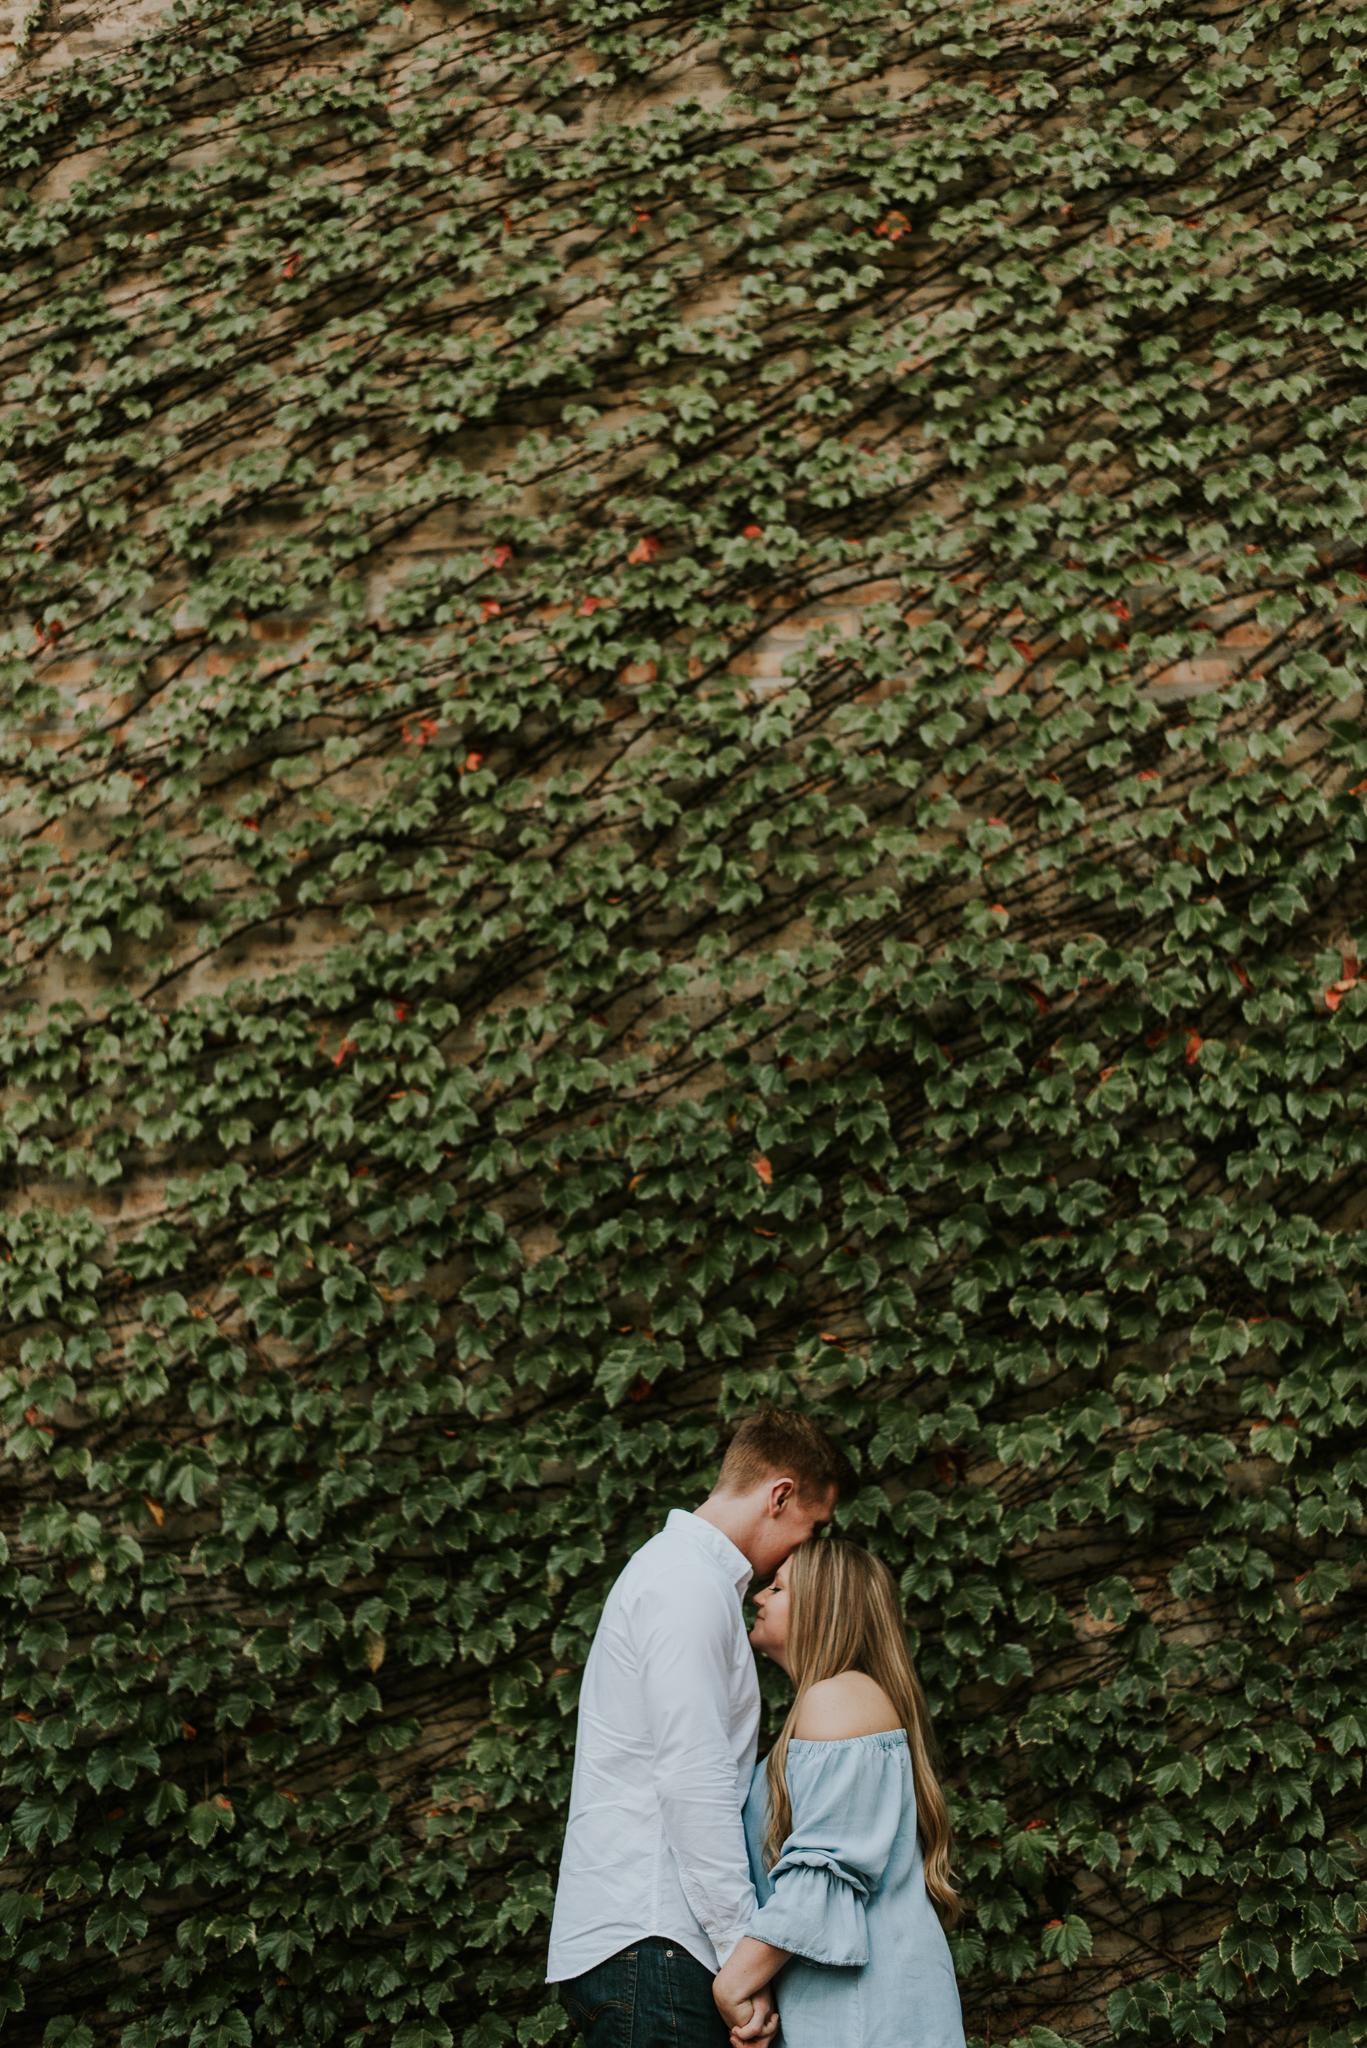 WEST LOOP ENGAGEMENT SESSION | CHICAGO ILLINOIS | KENOSHA WISCONSIN | WEDDINGS | LISH MARIE PHOTO-26.jpg